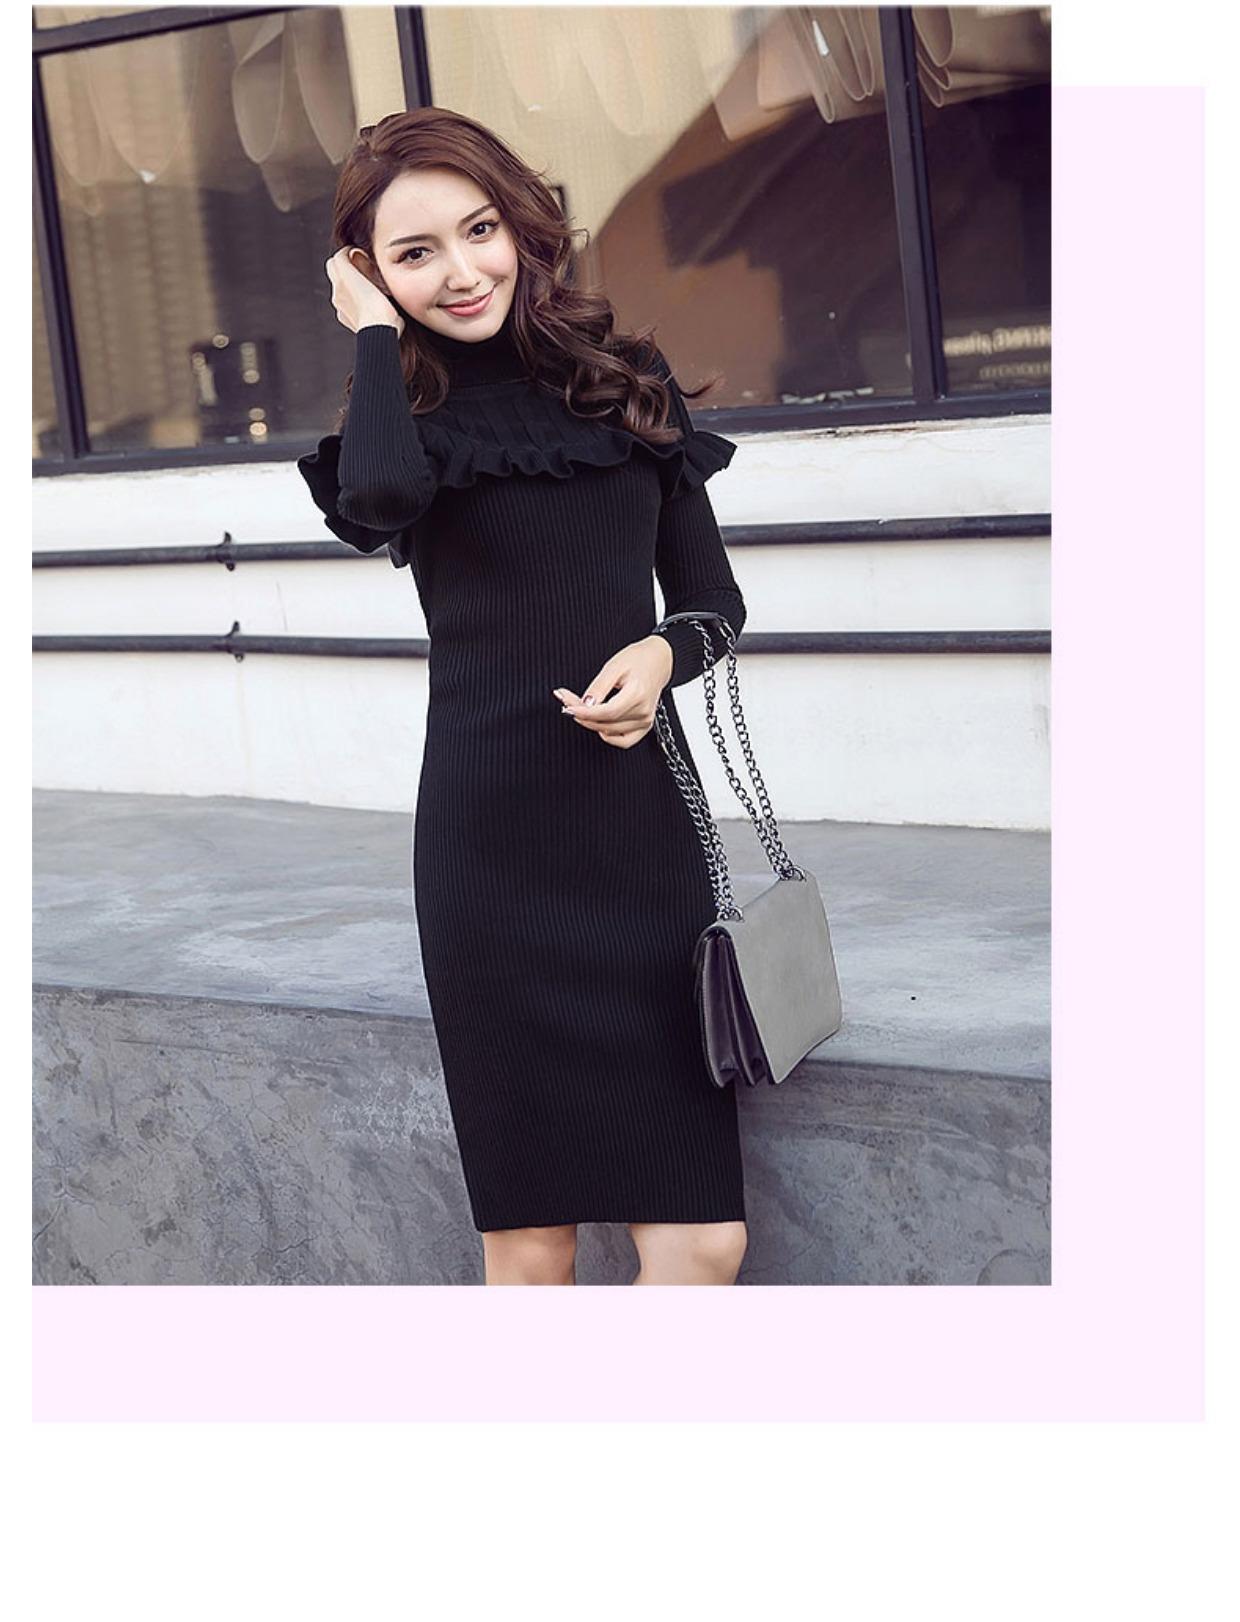 高仿圣罗兰ysl2018新款修身打底针织连衣裙高领QHU432 第26张